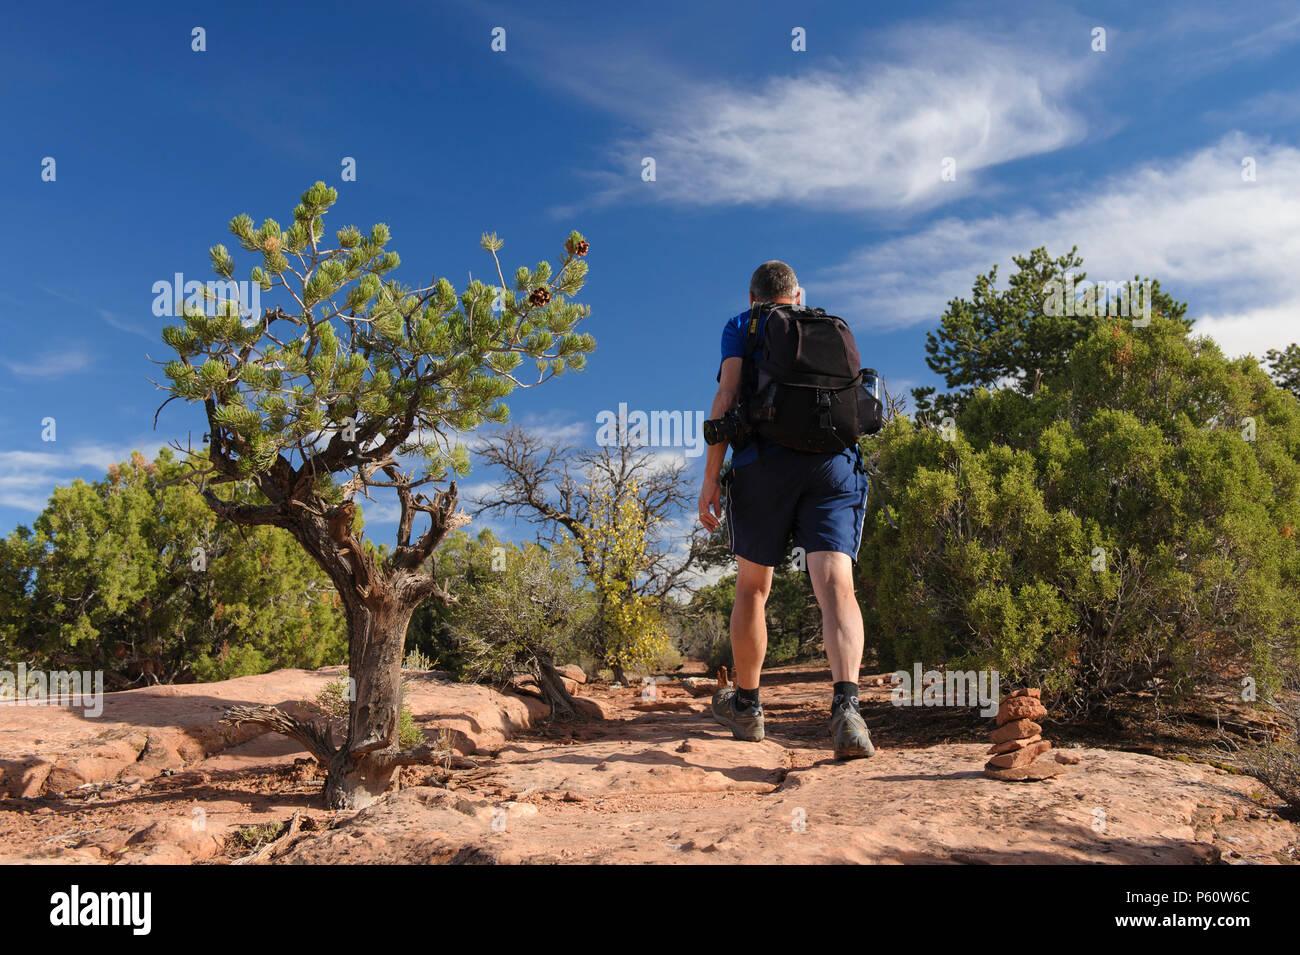 Hiker walking amongst juniper trees, Dead Horse Point State Park, Utah, USA. - Stock Image